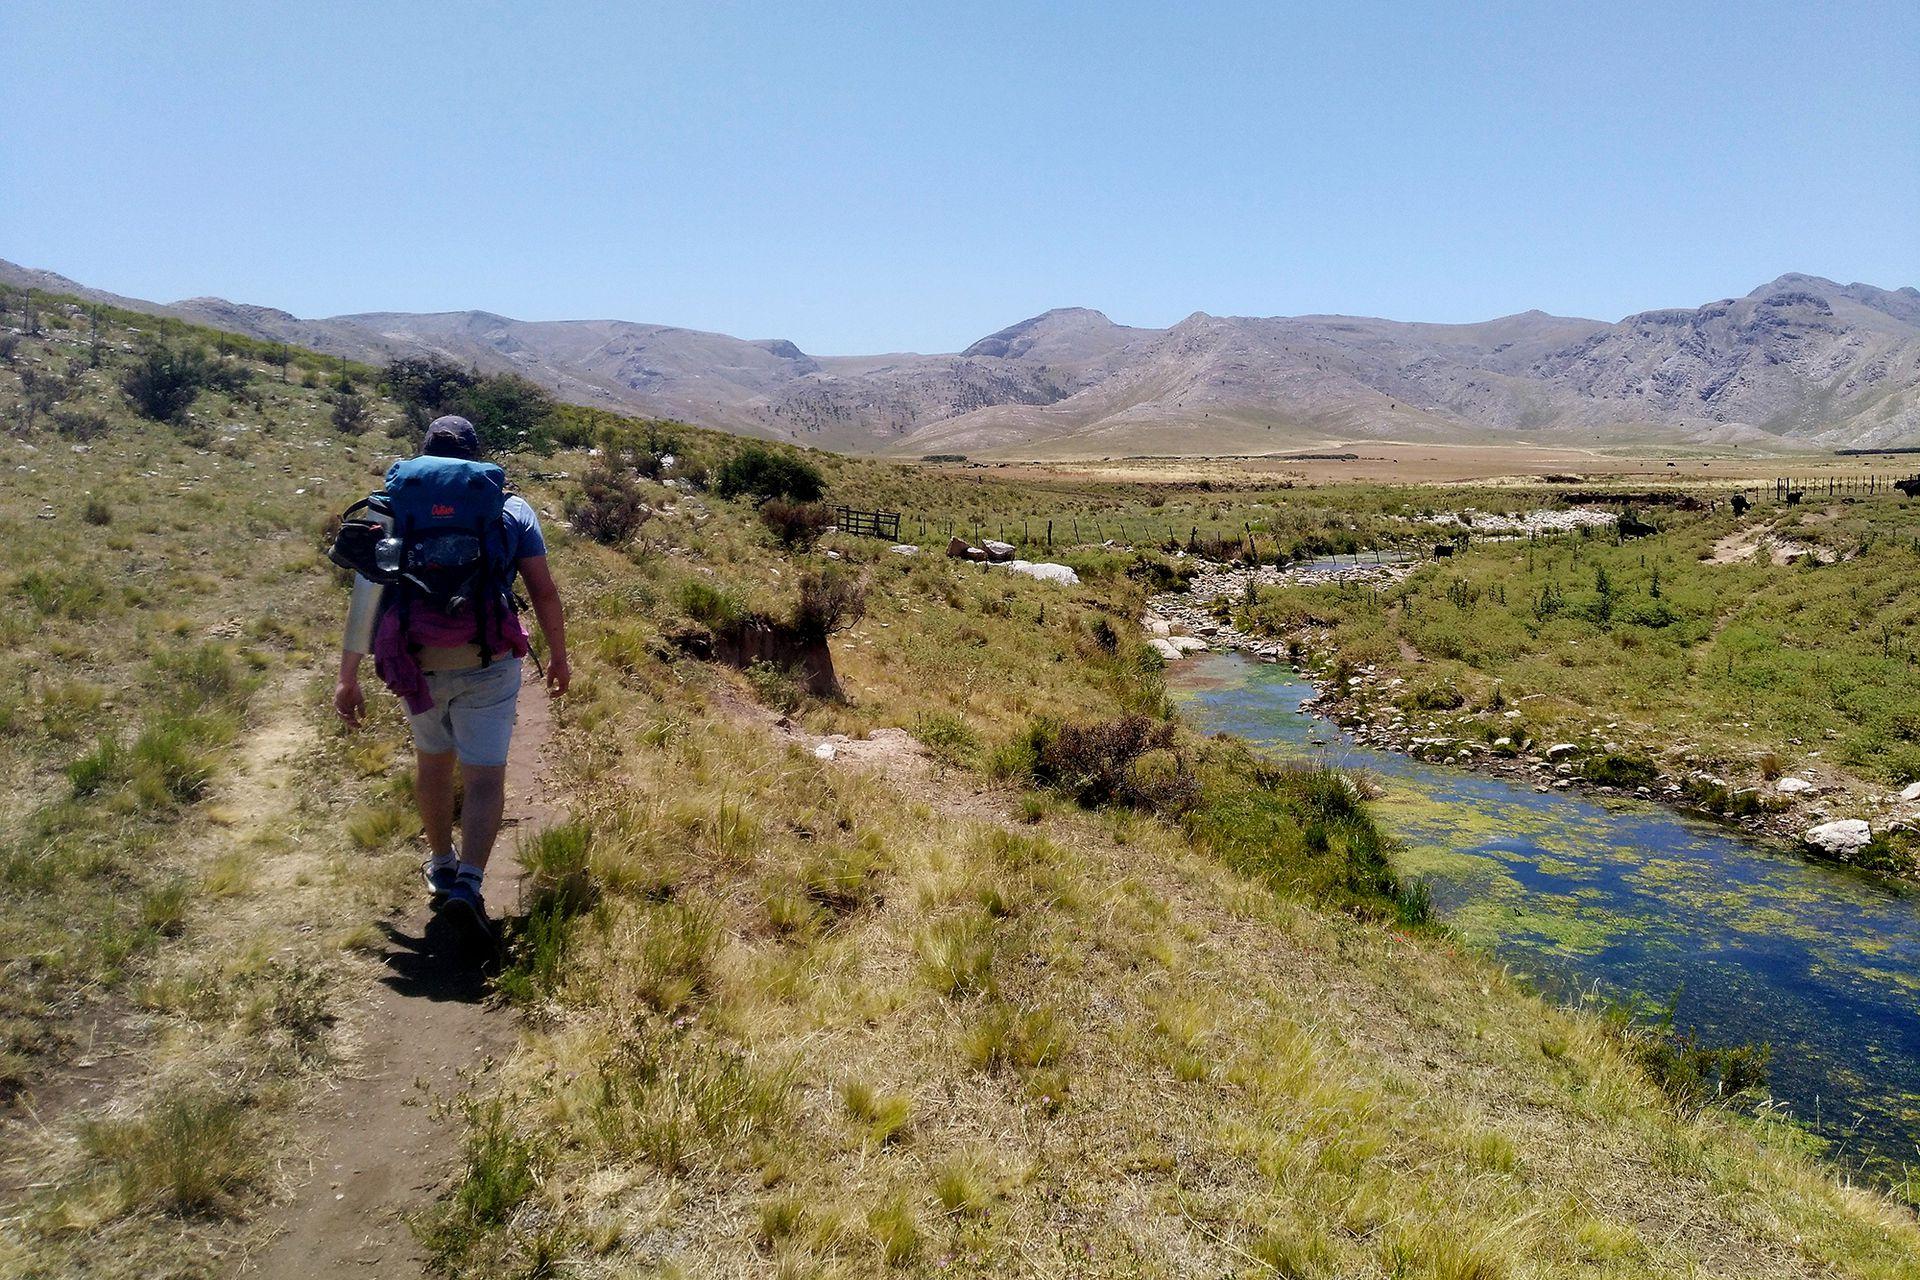 Sierra de la Ventana. Exigente ascenso al cerro Tres Picos